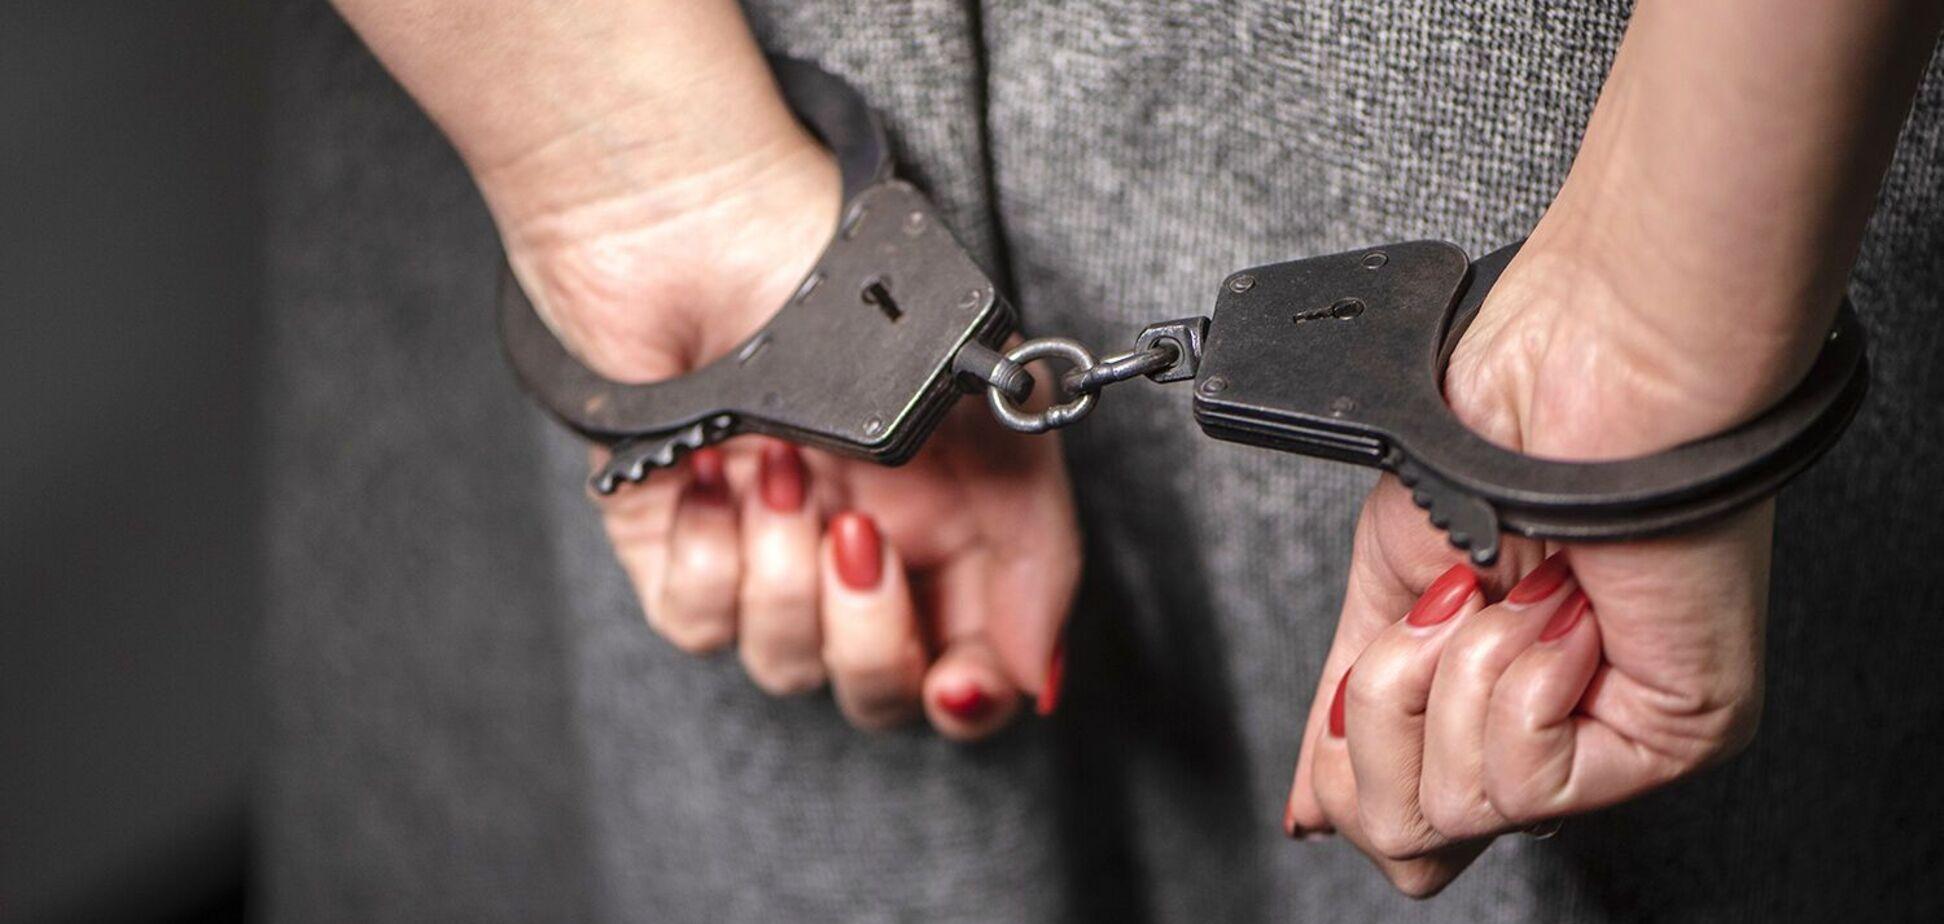 На Днепропетровщине женщина ''под кайфом'' и с психотропами ездила по городу. Источник: Газета.Ру